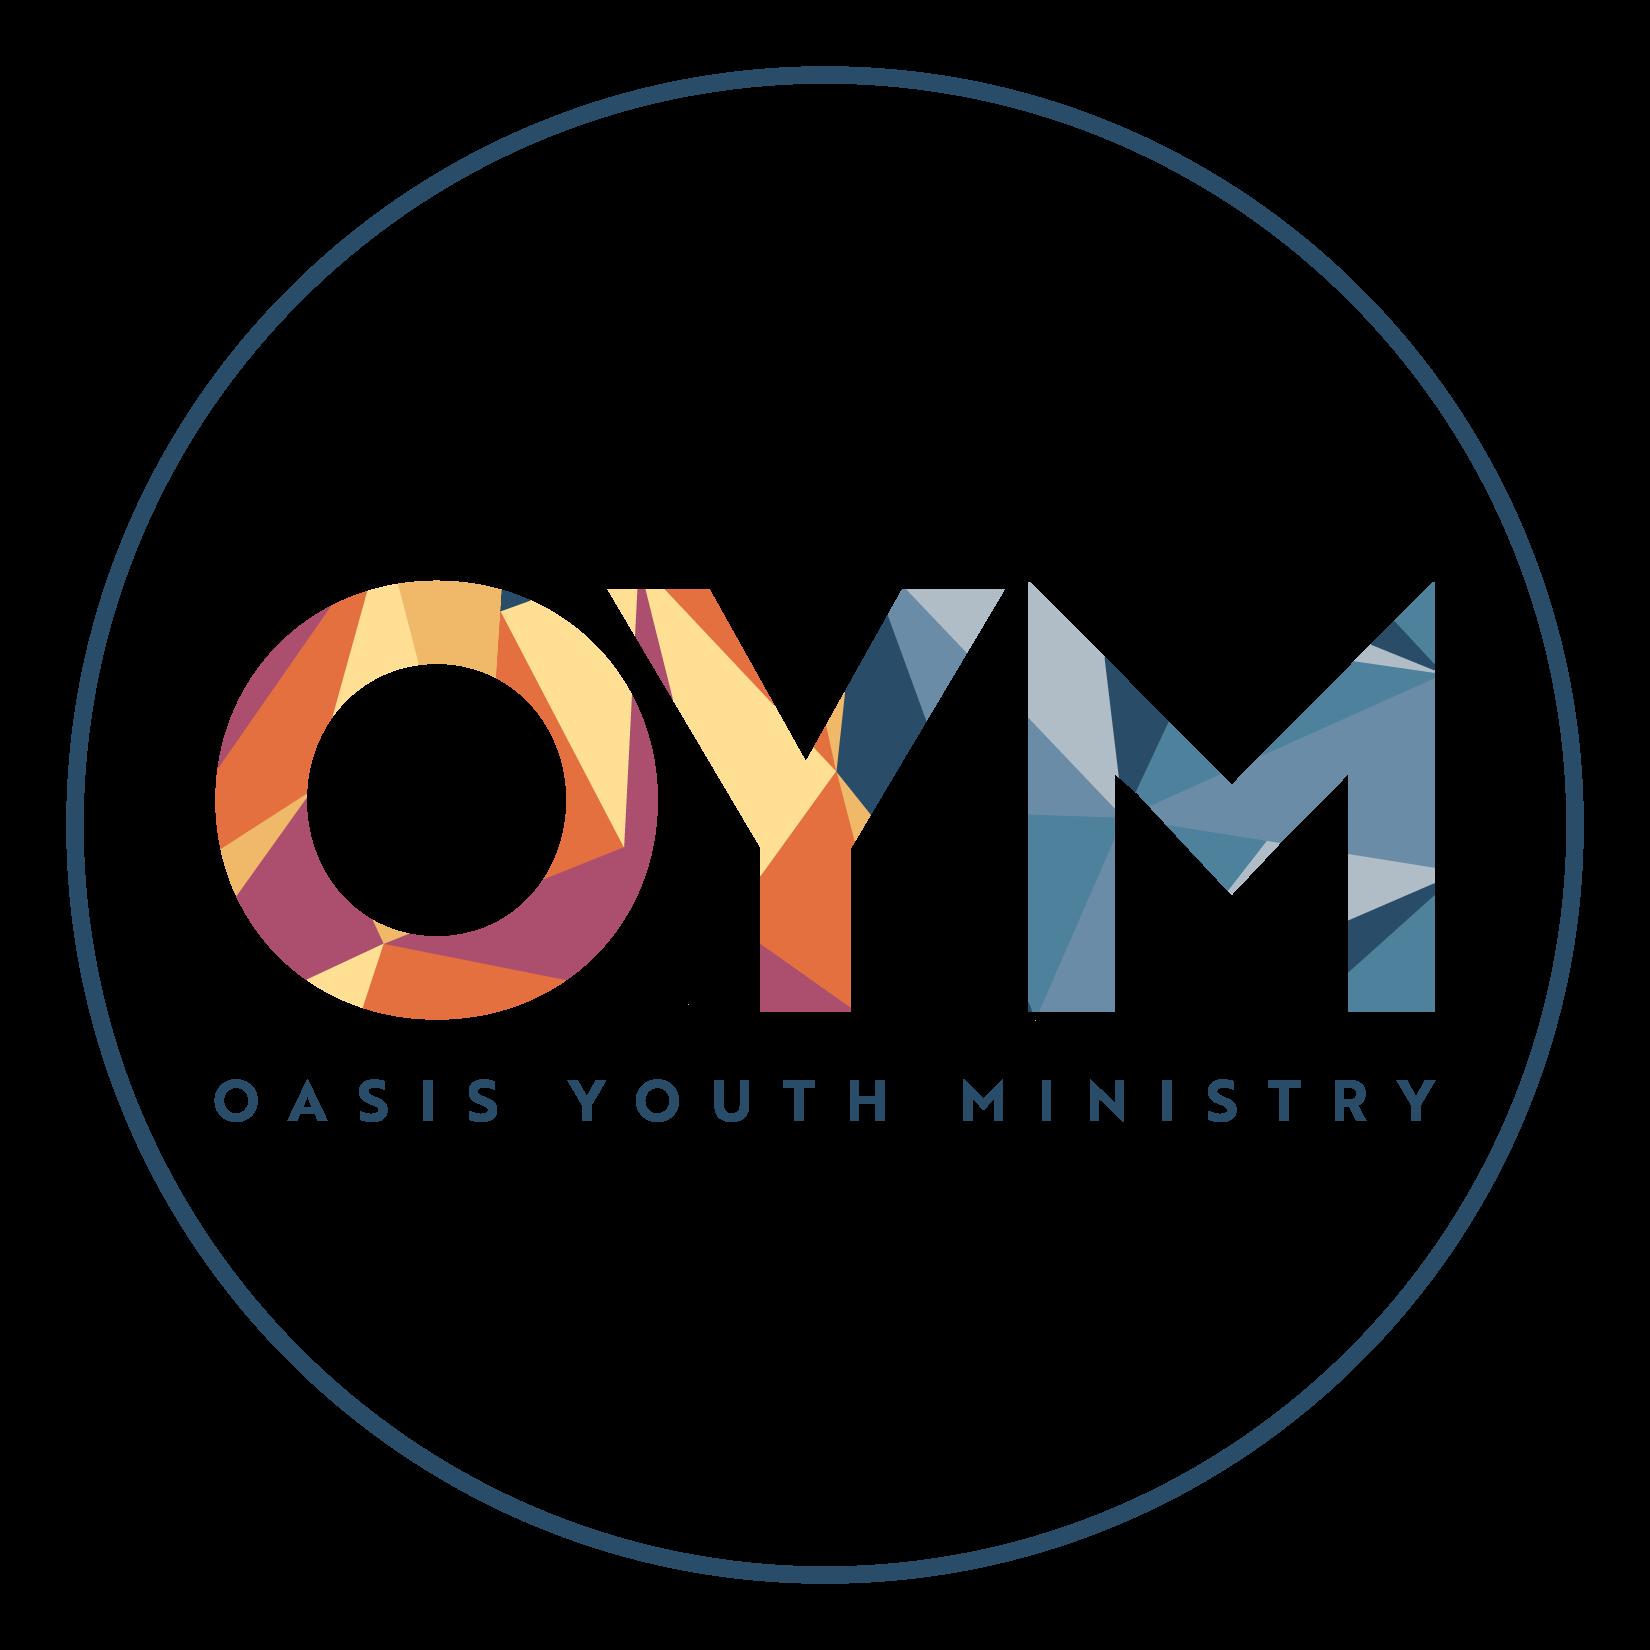 OYM_Full Color Circle Logo.png